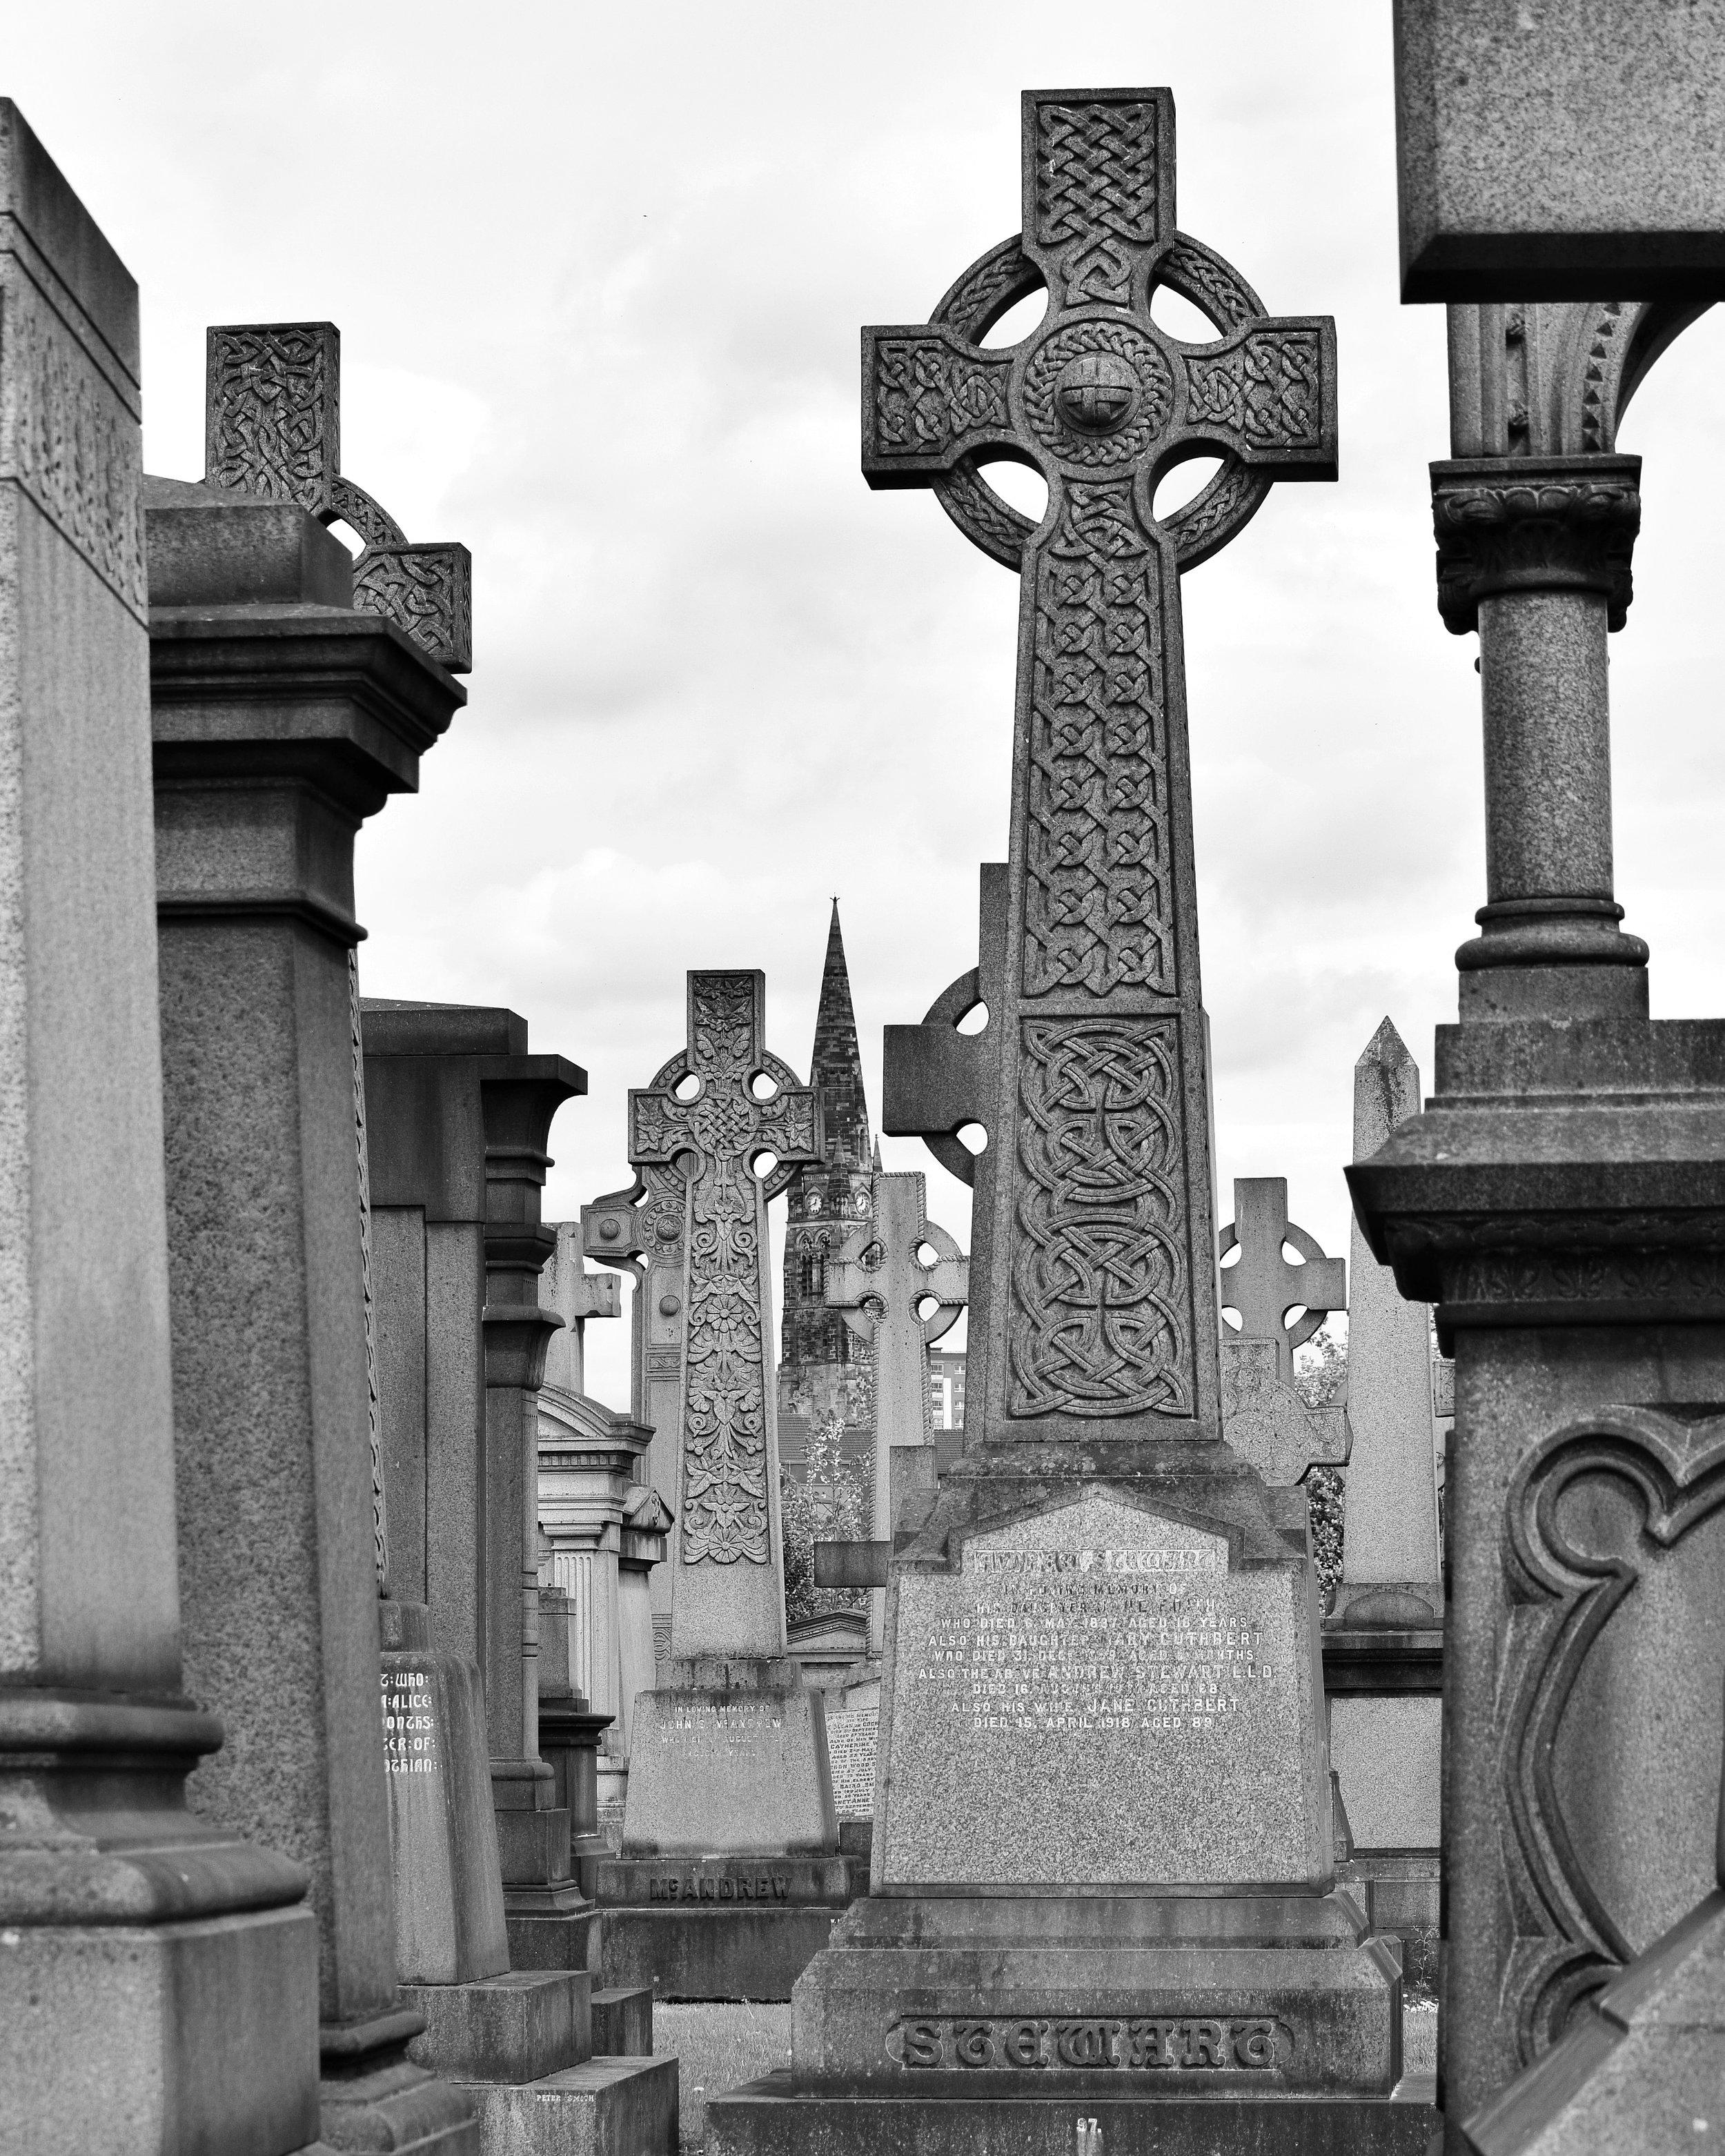 The Necropolis, Glasgow, Scotland